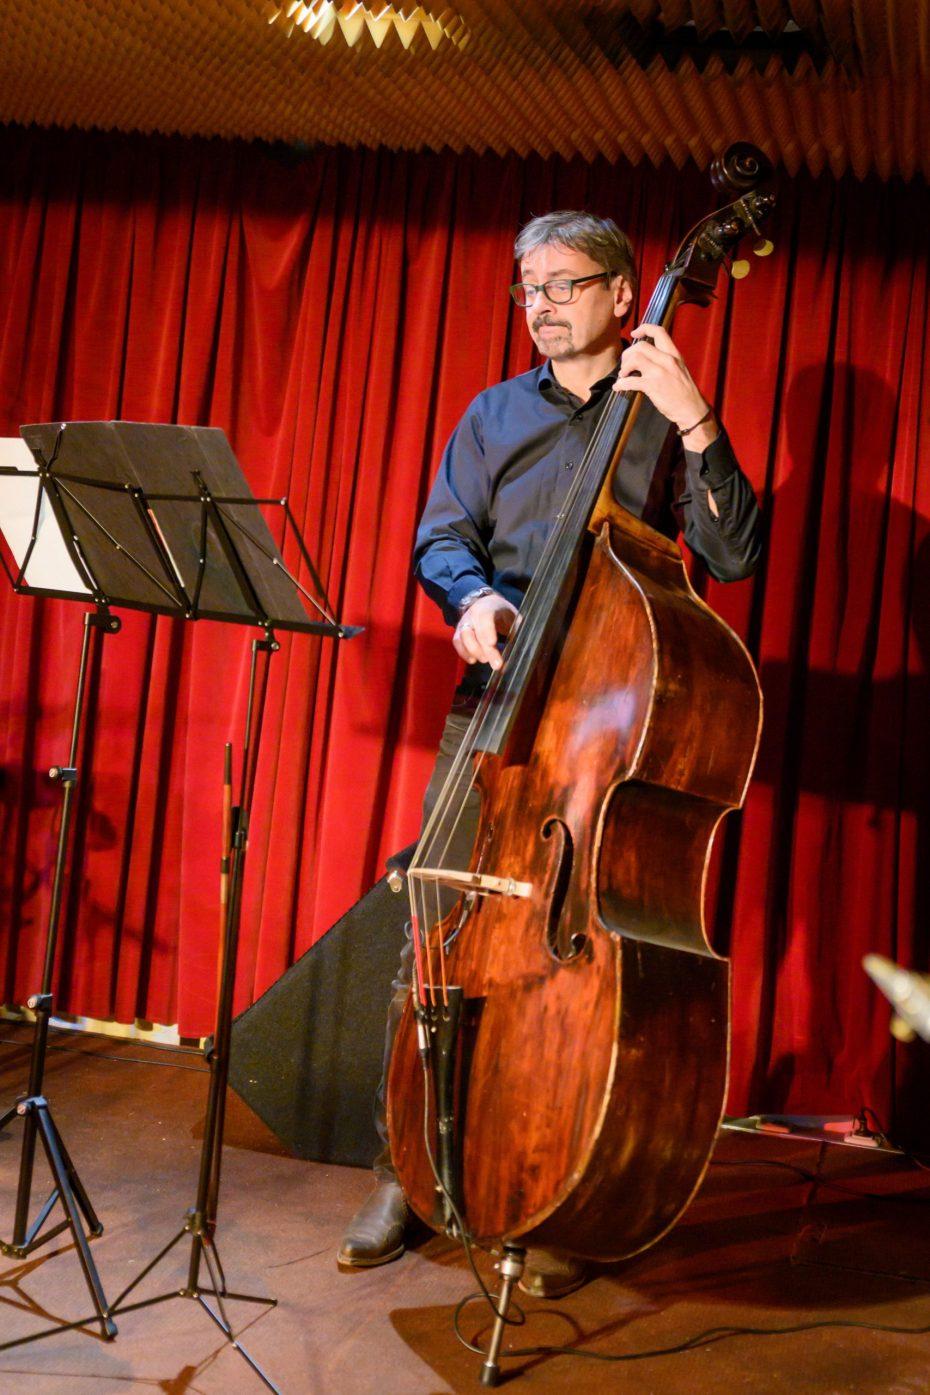 """Forum 21 Veranstaltung """"Swing-Jazz-Blues Abend"""" im Club Davis. Bild: Forum 21 ."""